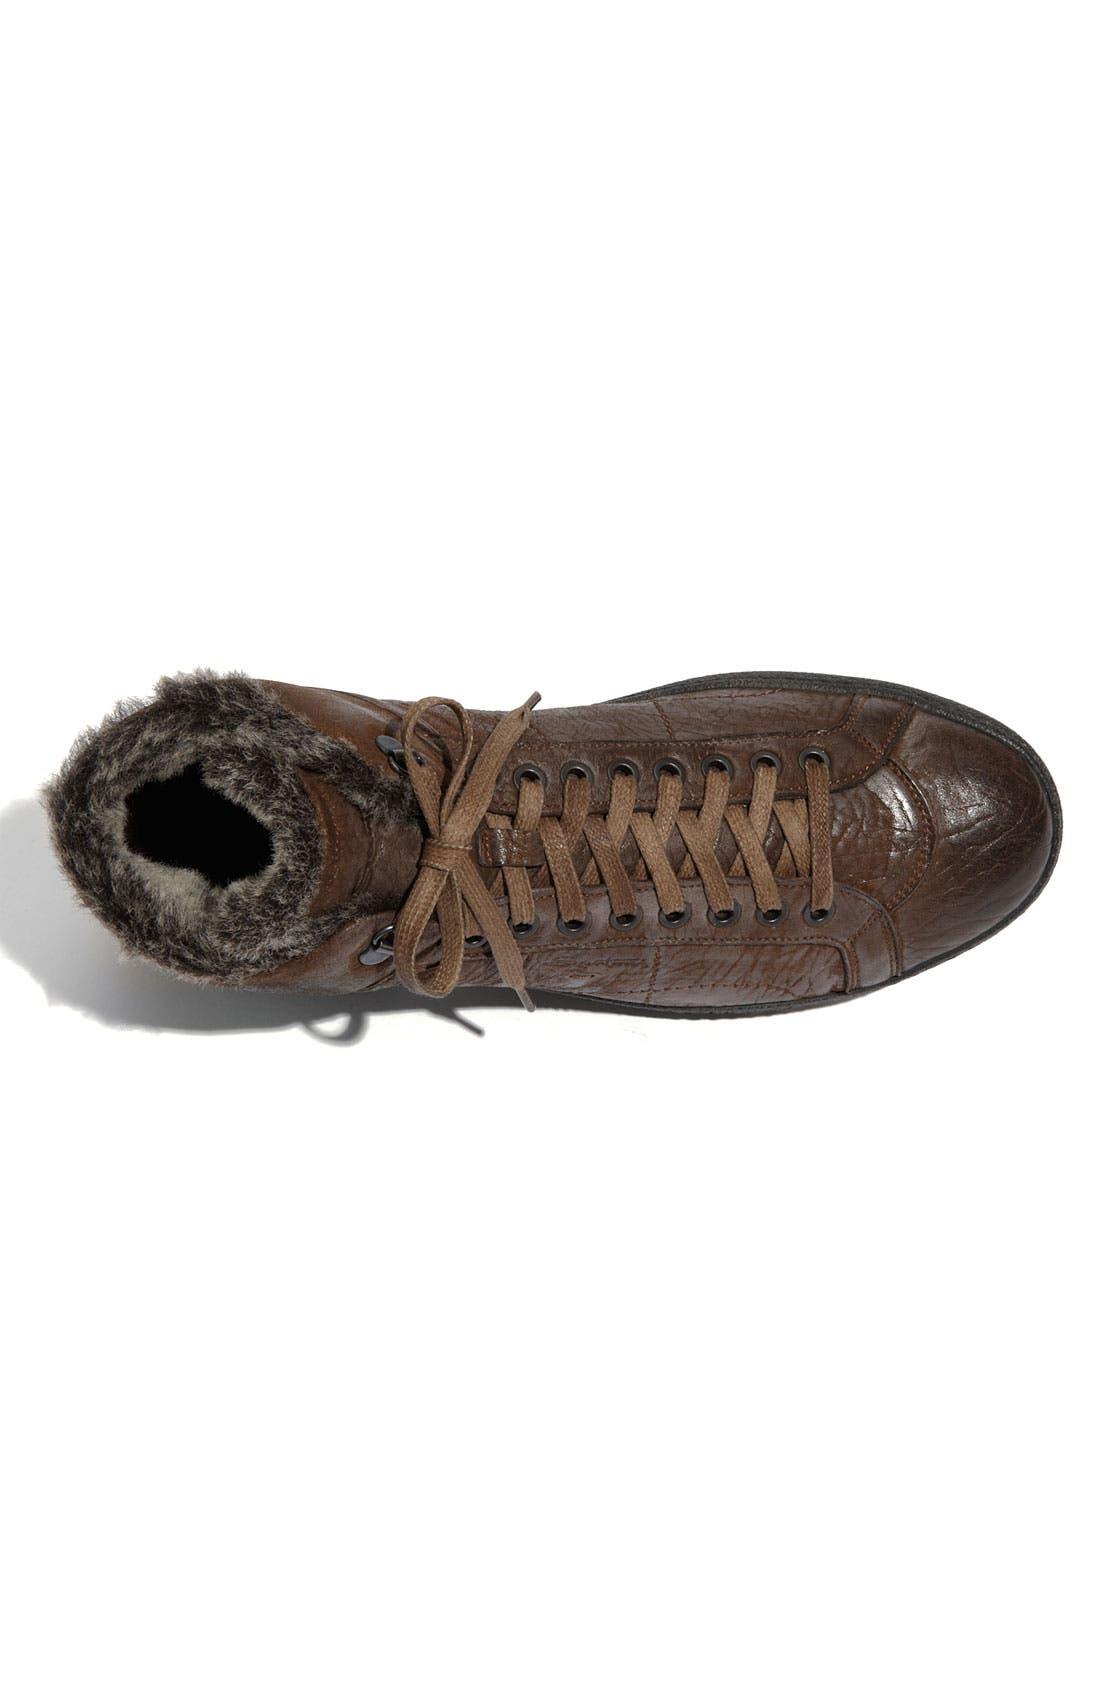 Alternate Image 3  - Santoni 'Dorado' Shearling Trimmed Sneaker